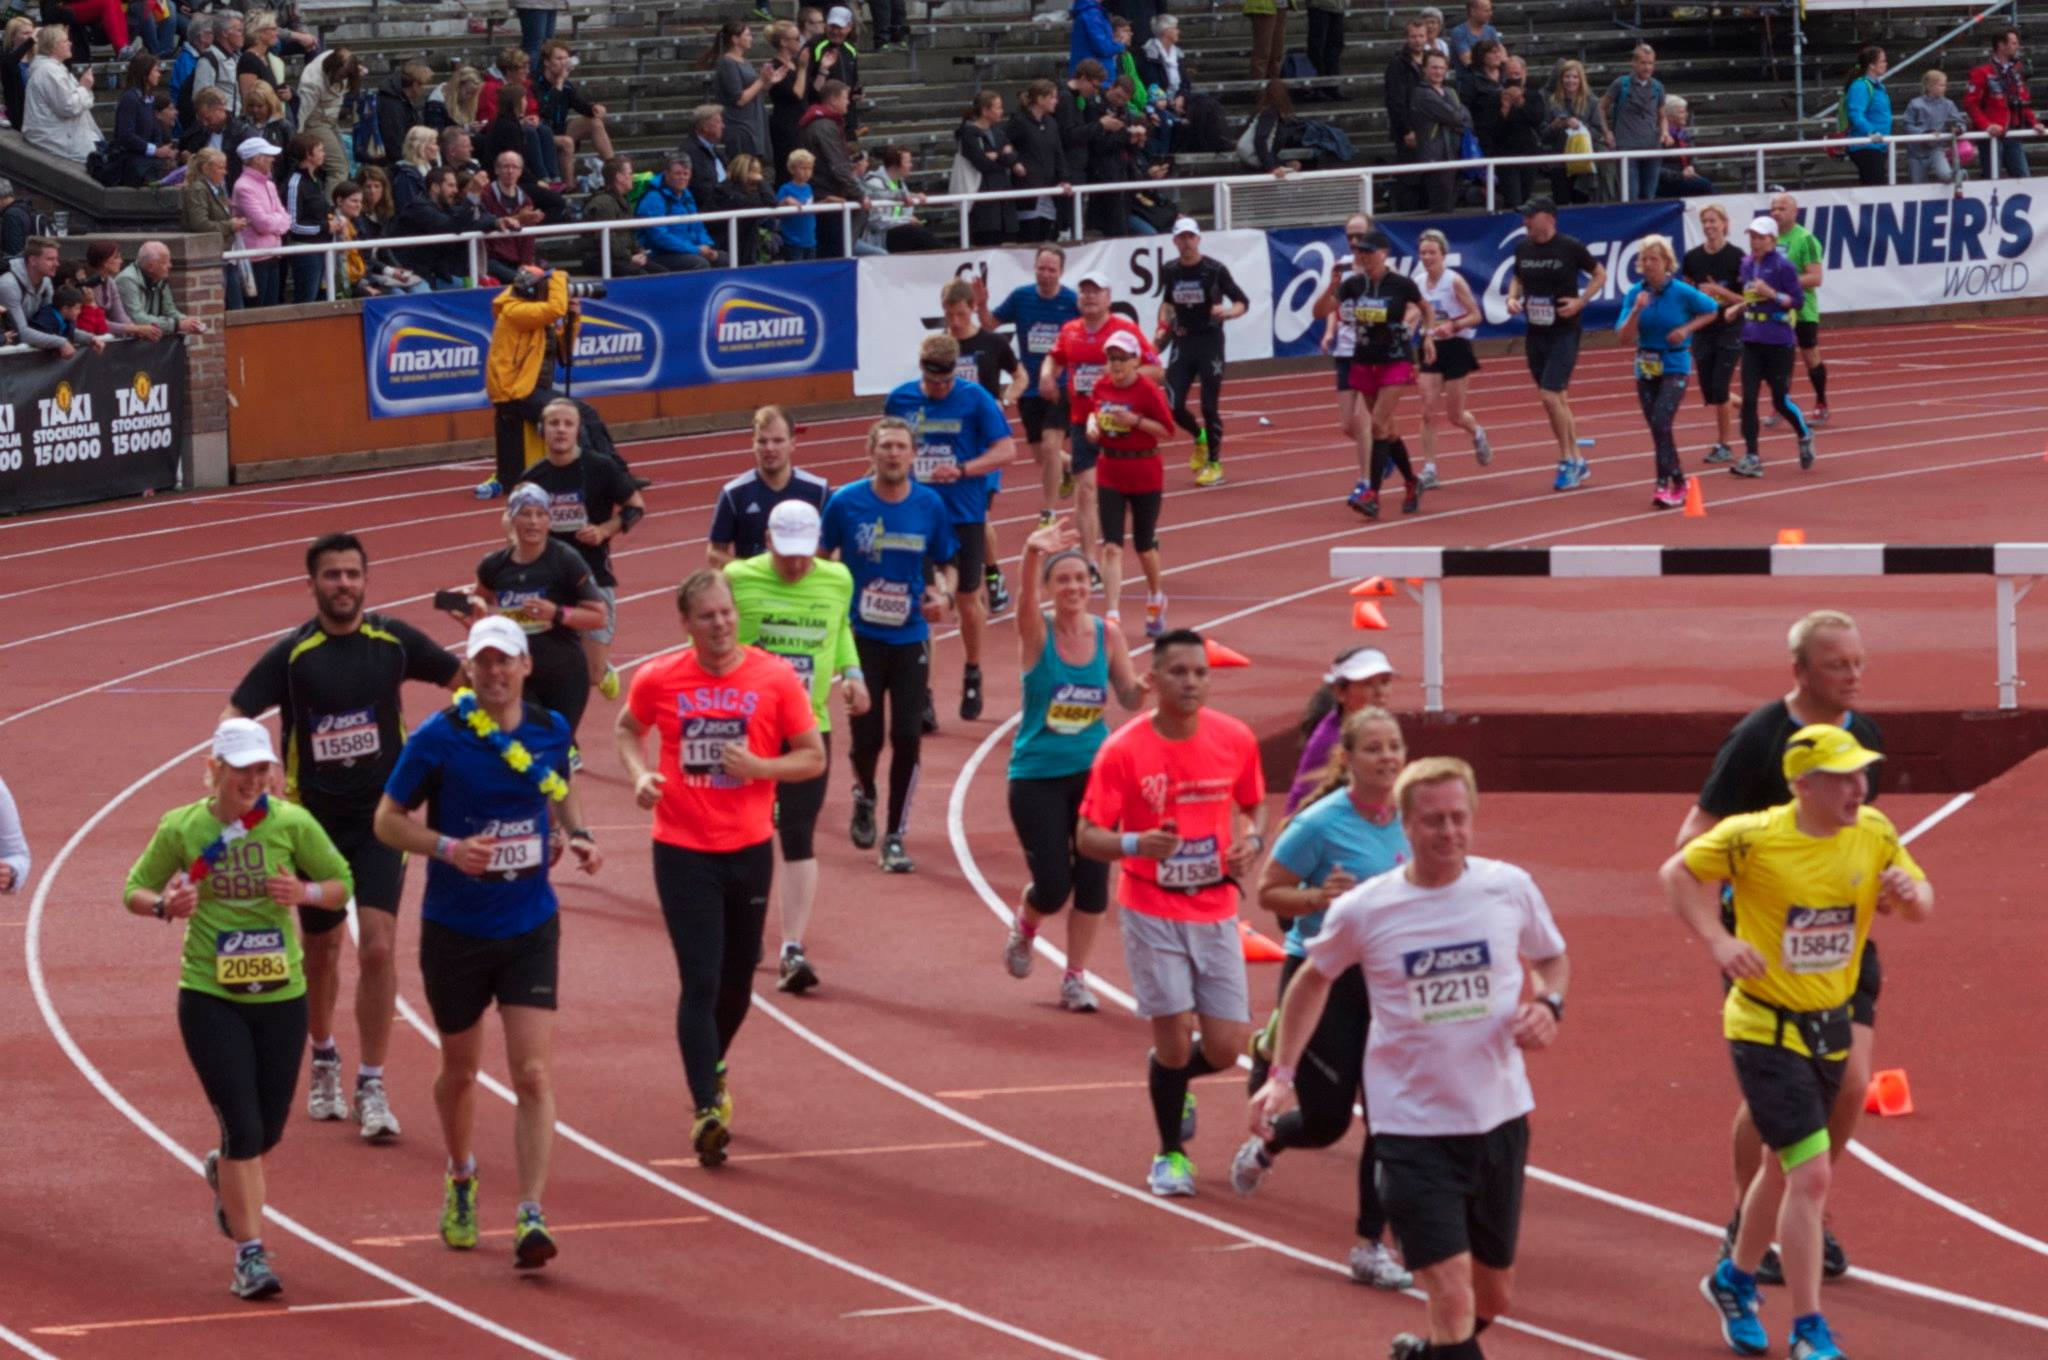 Anita running the marathon 2